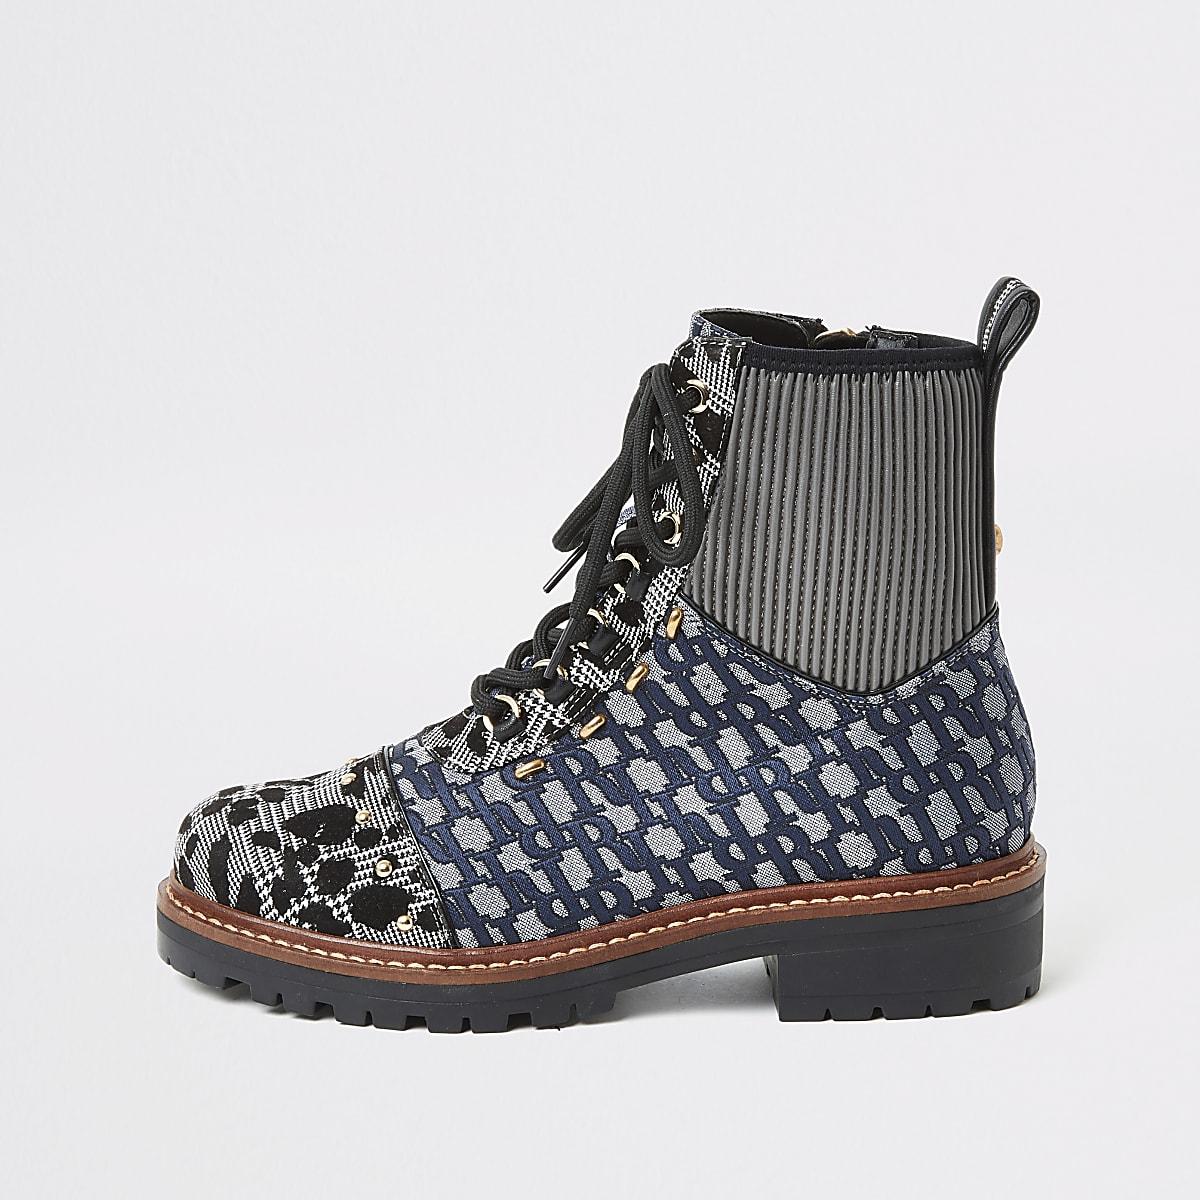 Blauwe wandelschoenen met print en vetersluiting